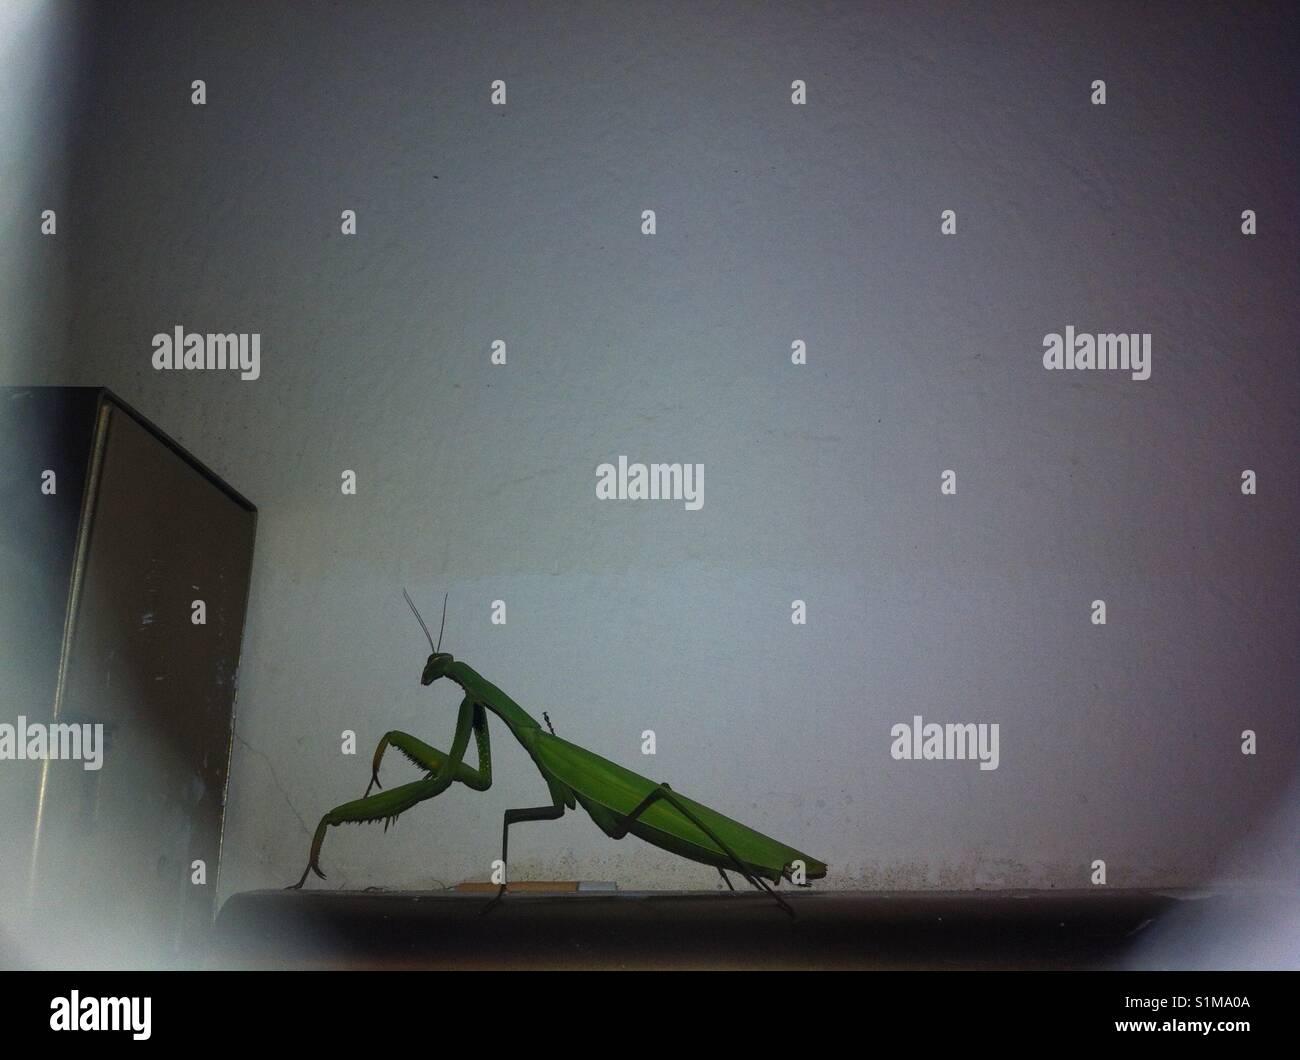 Praying mantis - Stock Image